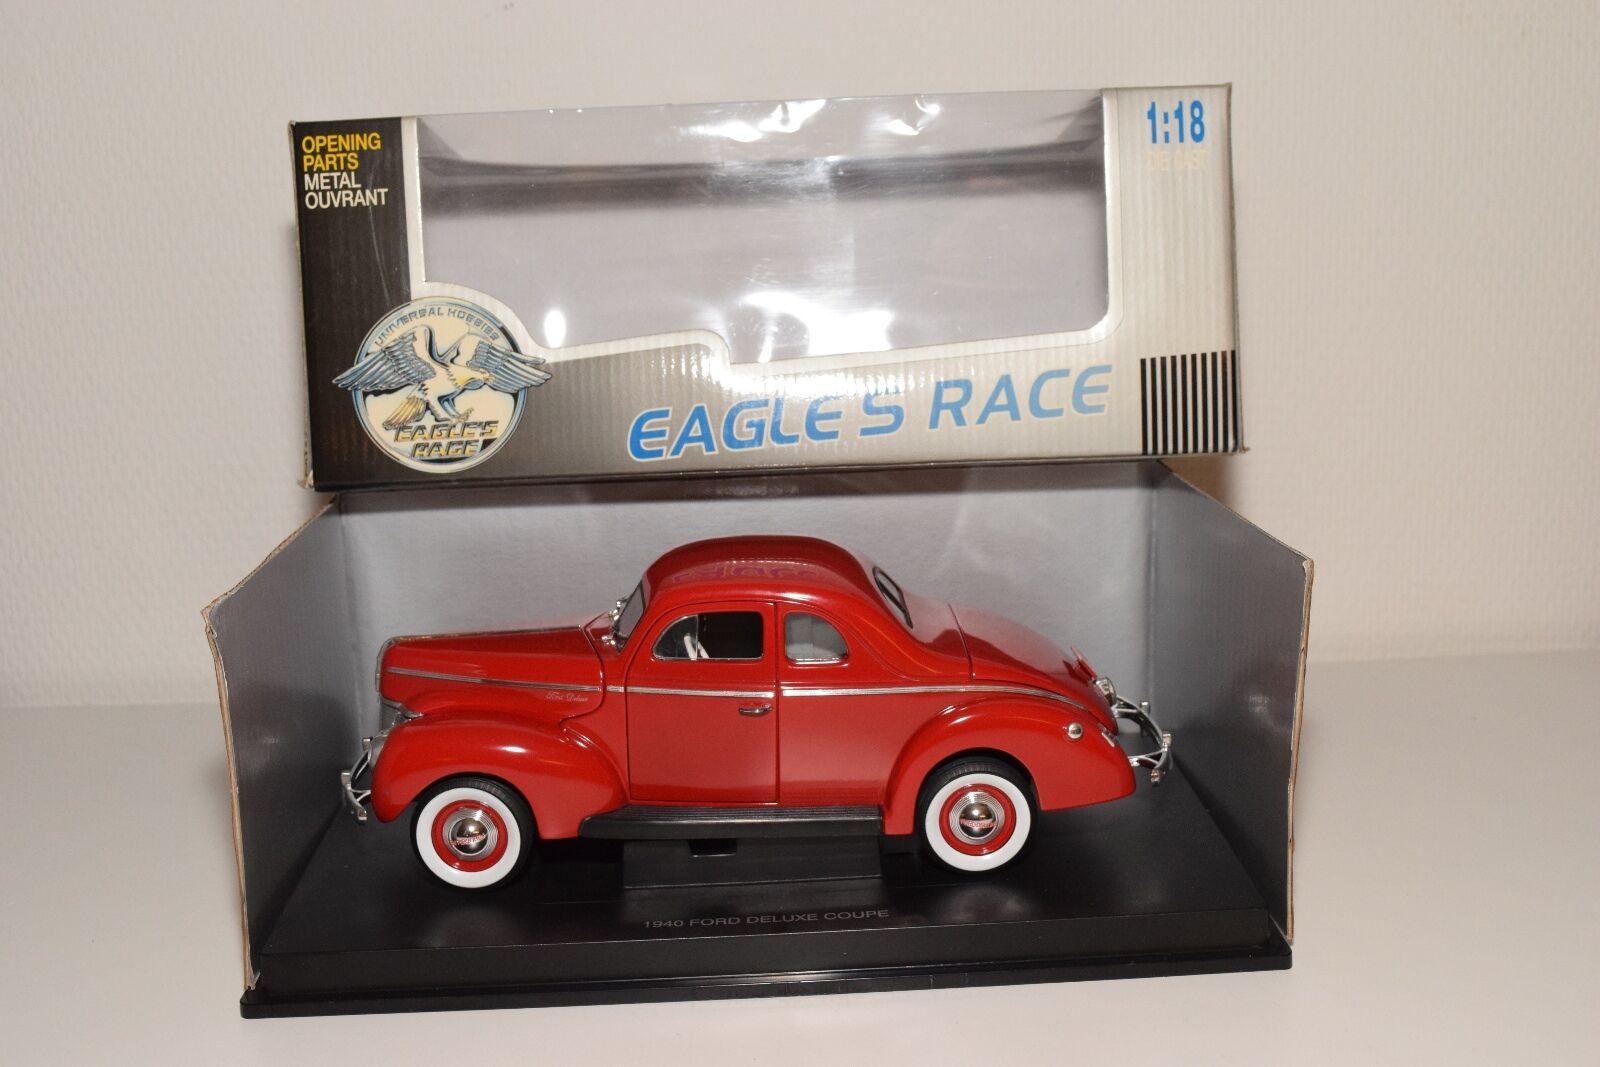 risparmia fino al 50%     EAGLE'S RACE UNIVERSAL HOBBIES 1940 FORD FORD FORD DELUXE COUPE rosso MINT scatolaED  vendite dirette della fabbrica